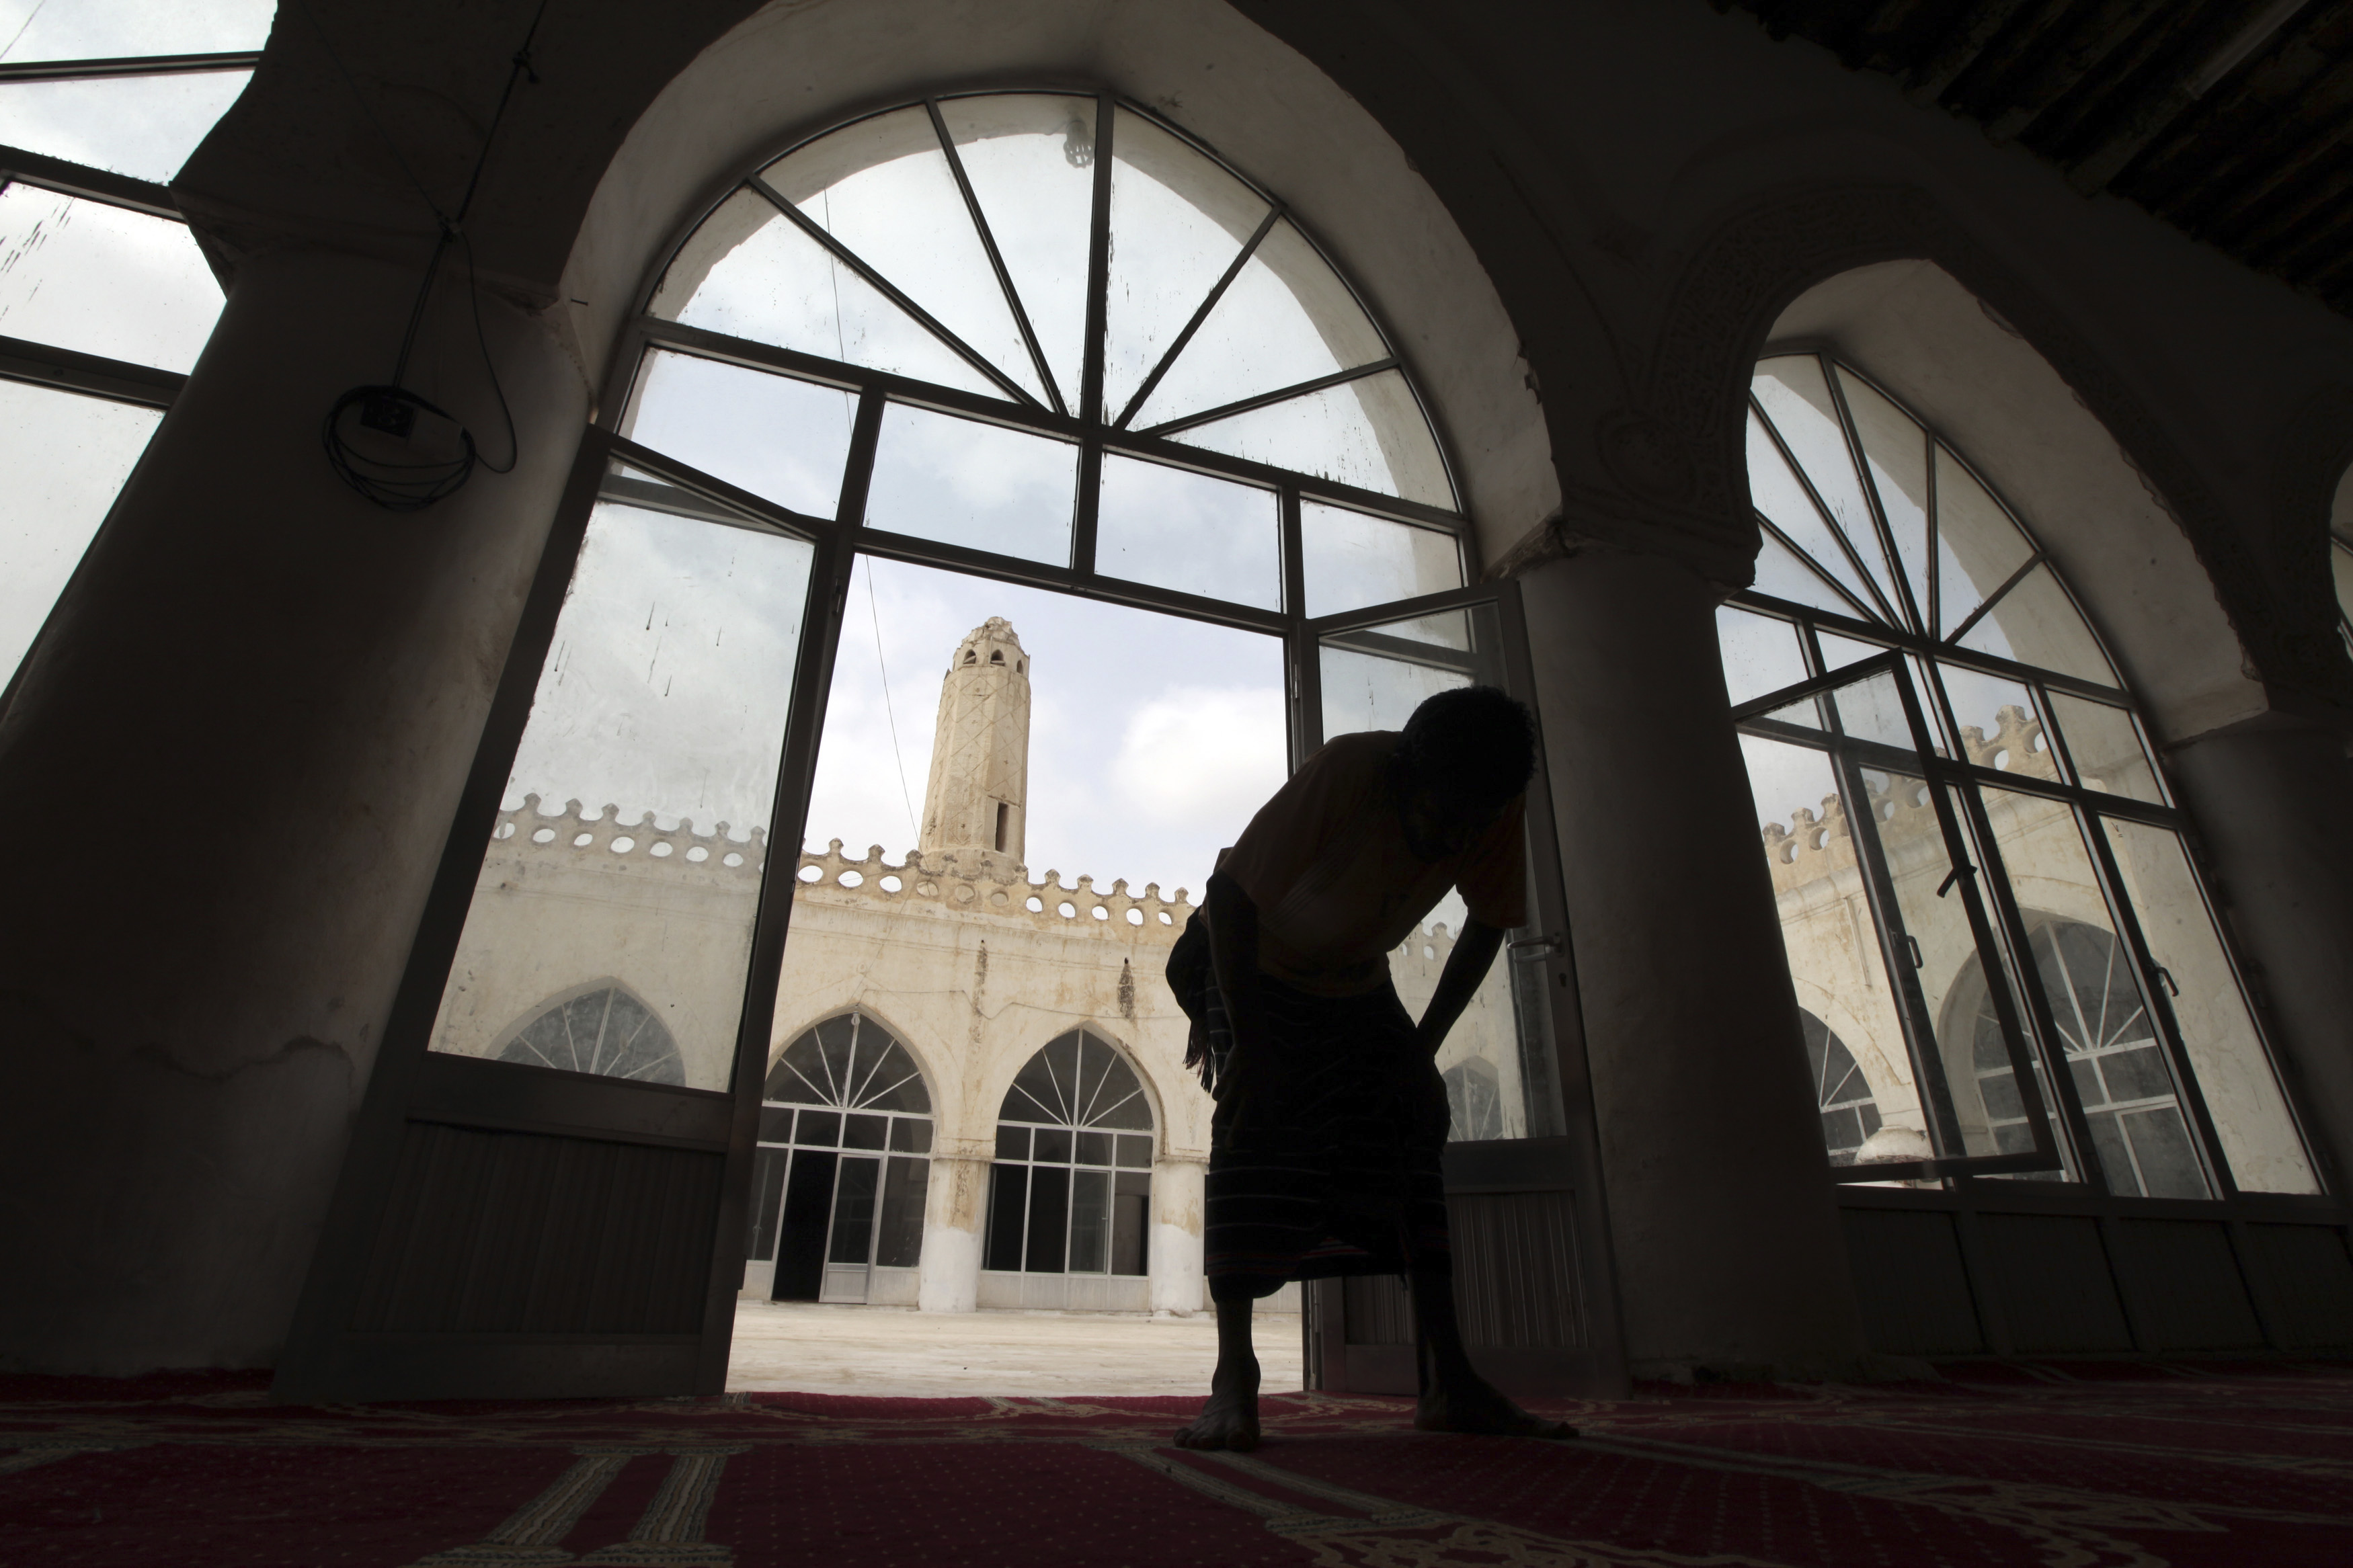 رجل يصلي في المسجد القديم بمدينة زبيد اليمنية التاريخية